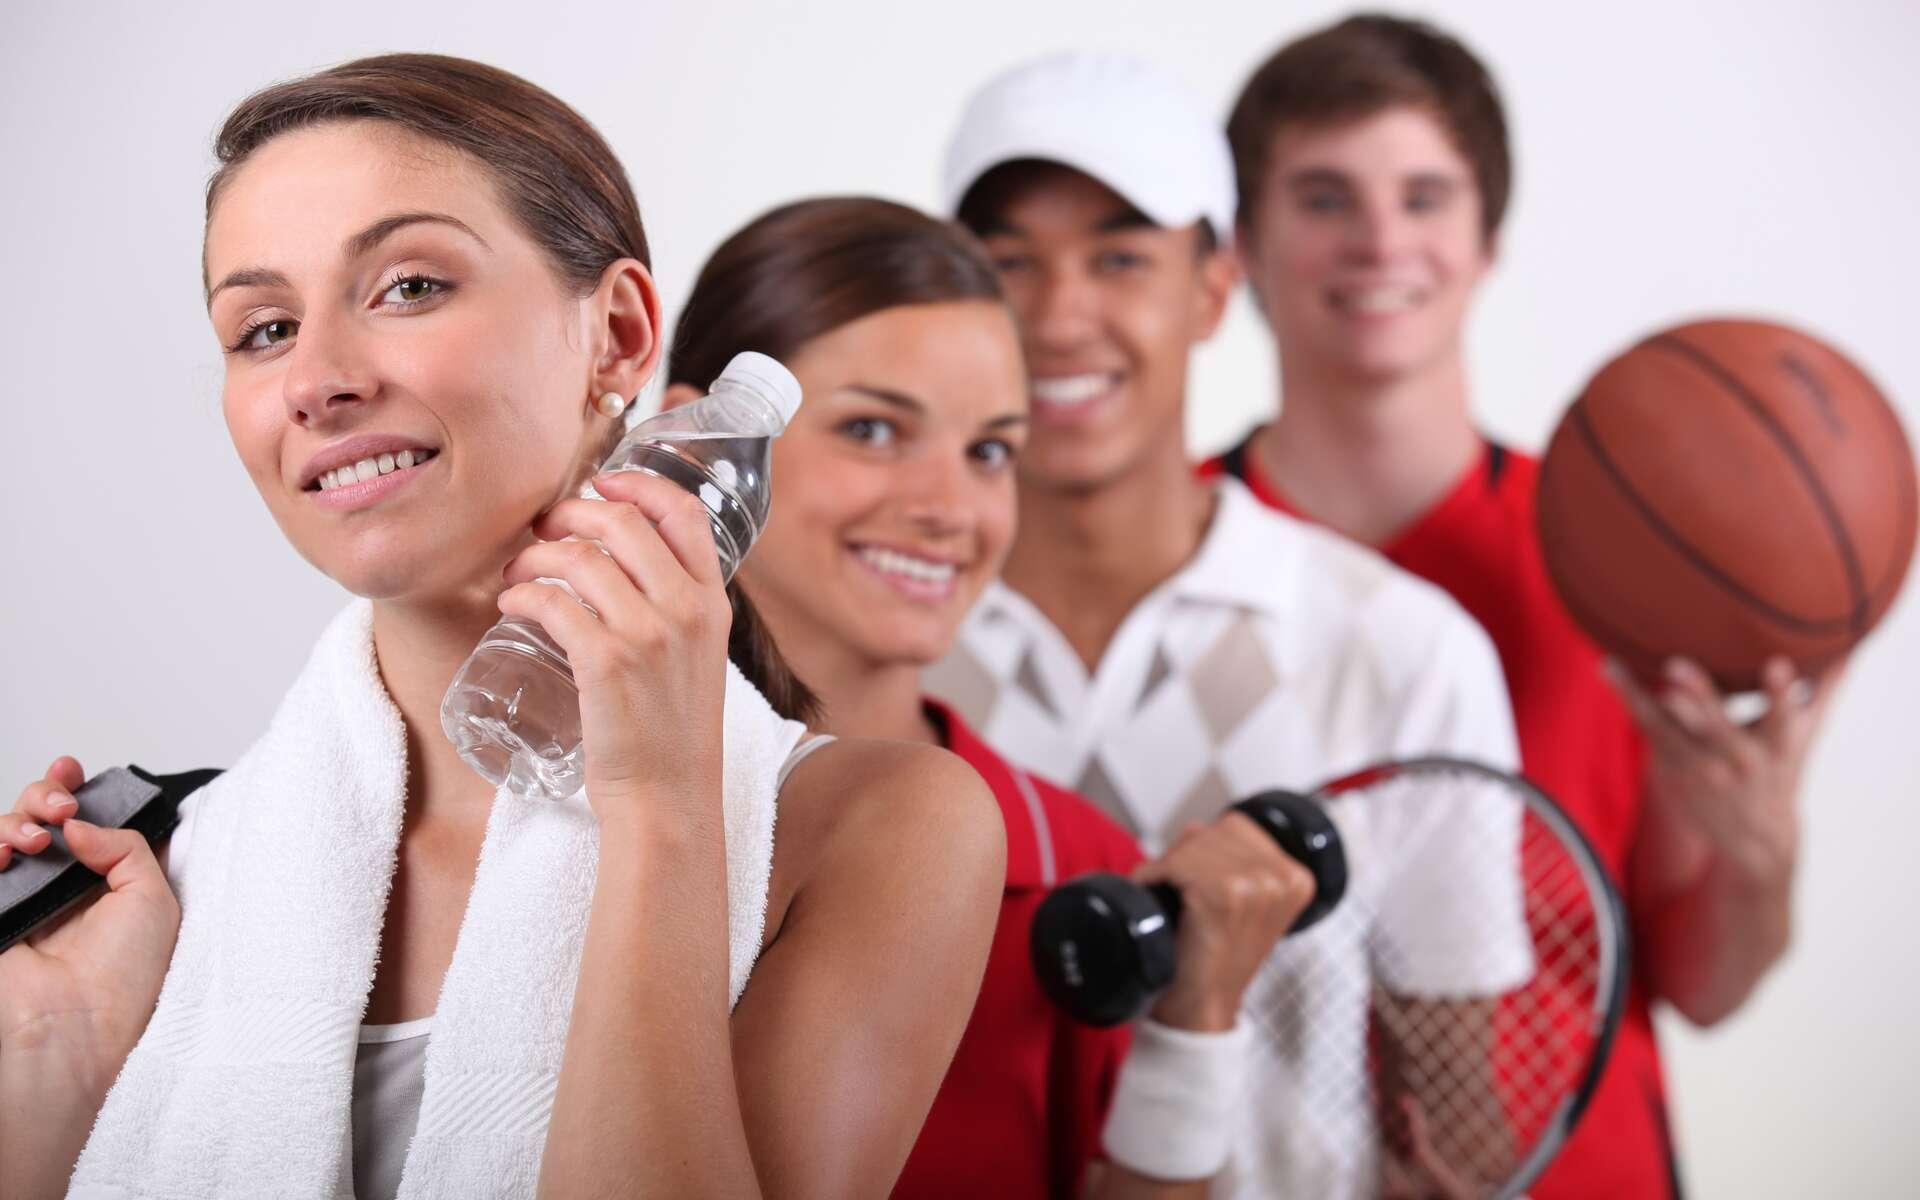 Le sport, dès 30 minutes par jour, permet d'éloigner l'anxiété et le stress. © Phovoir